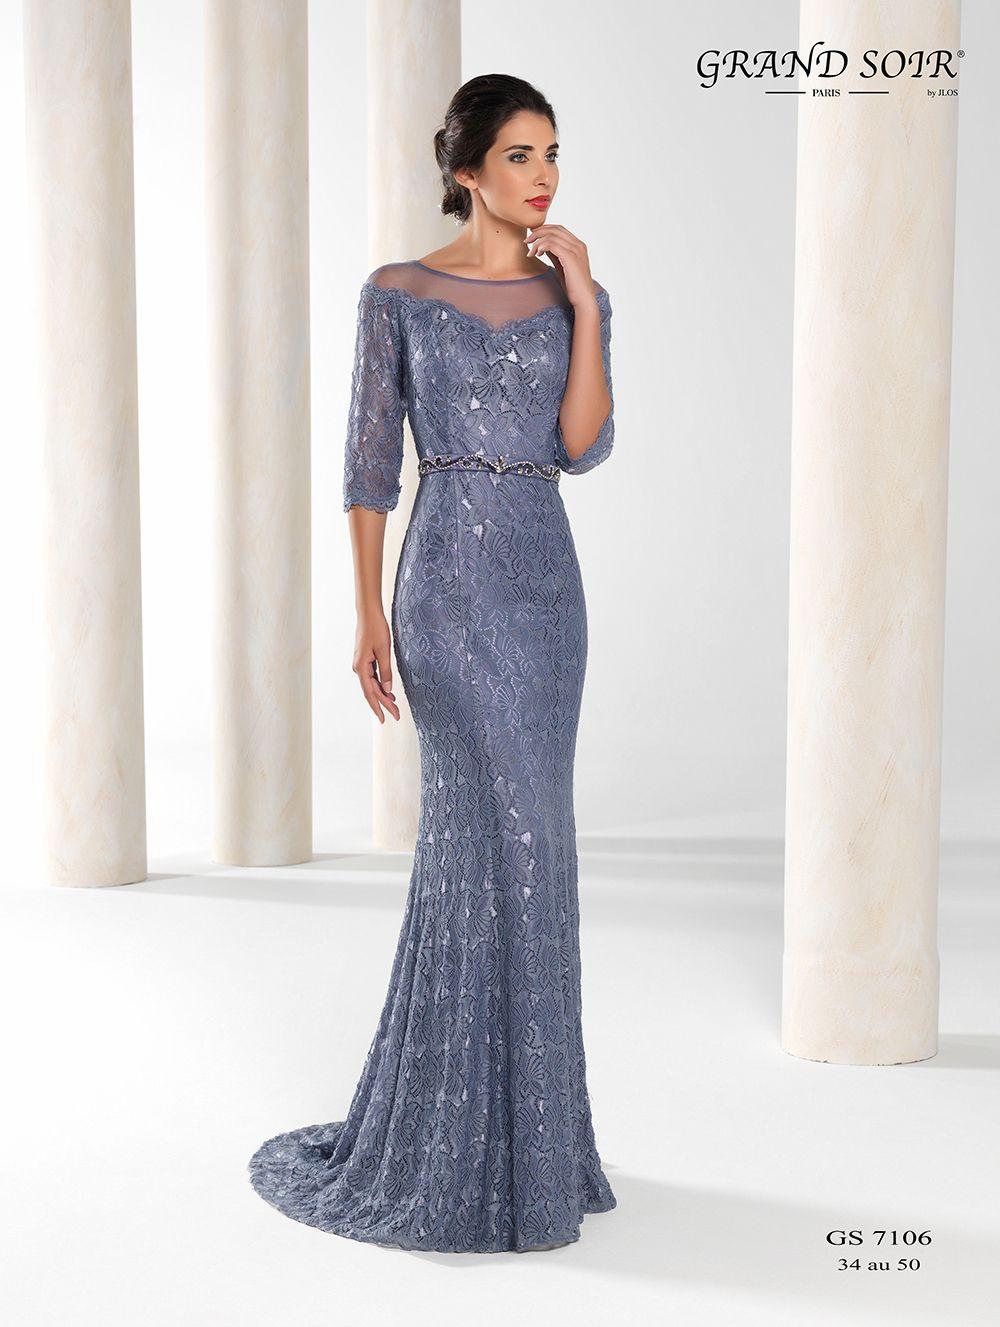 15 Einfach Figurbetontes Abendkleid Spezialgebiet Cool Figurbetontes Abendkleid Spezialgebiet